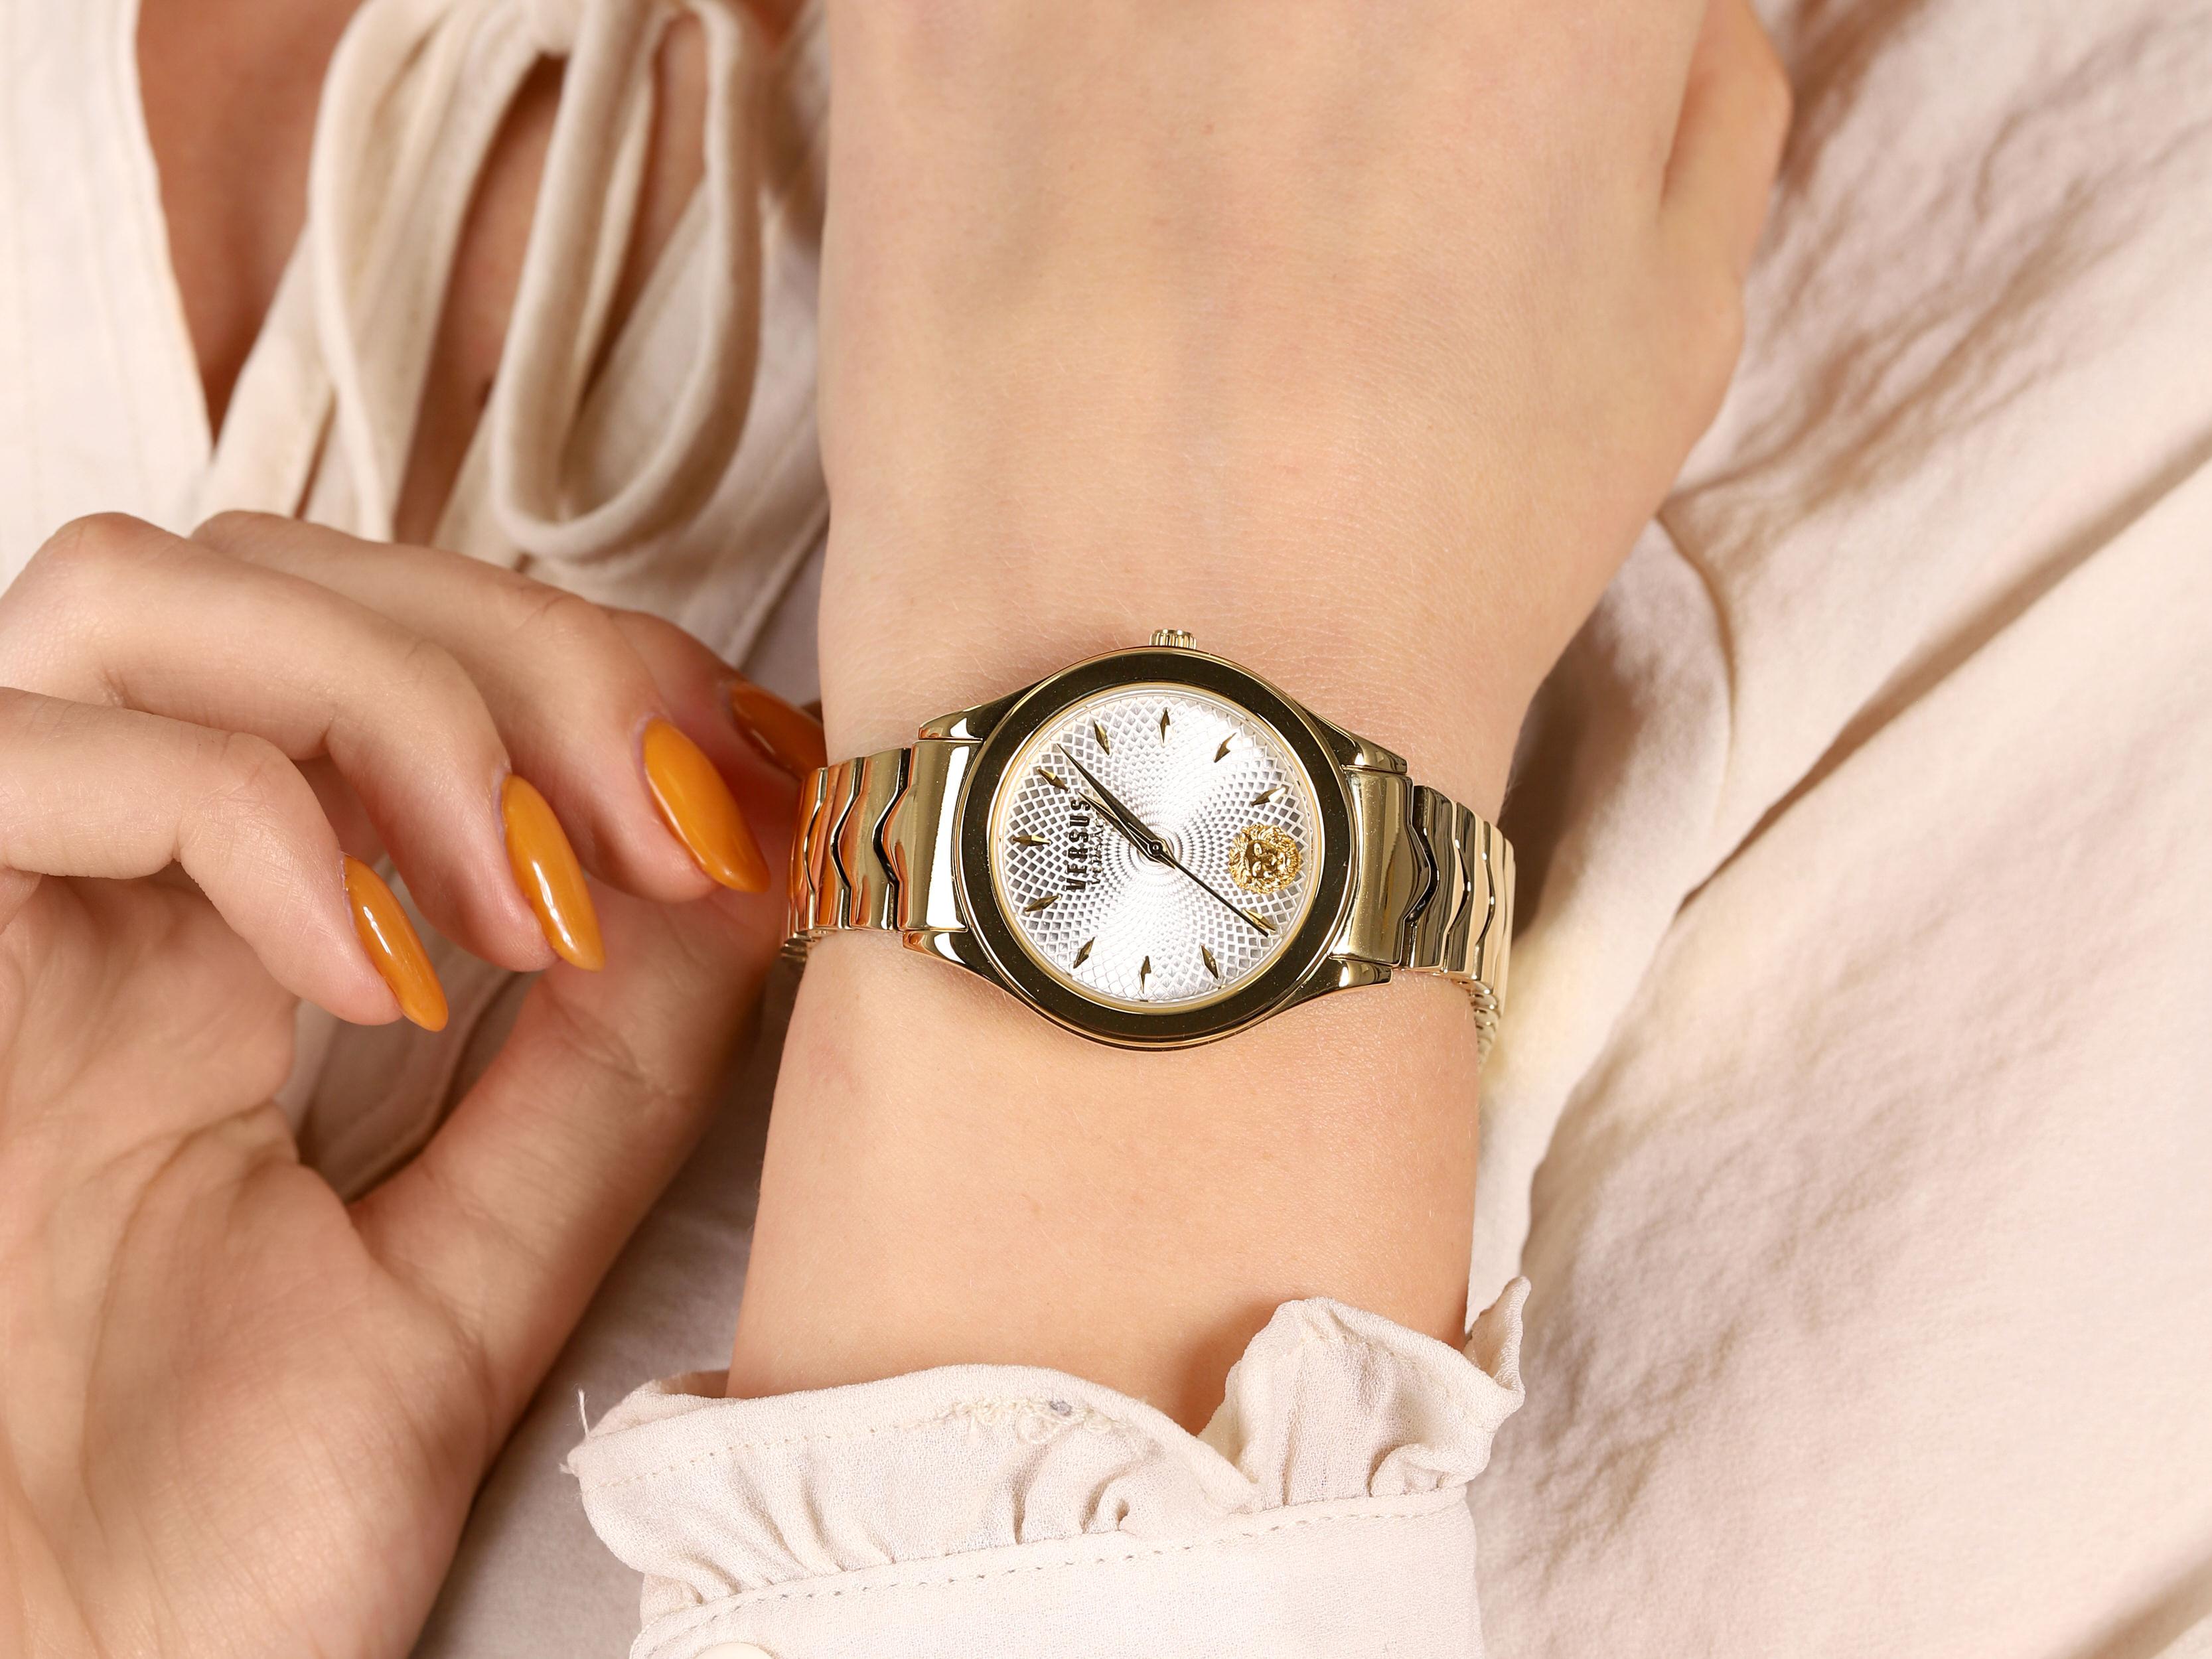 Versus Versace VSP560818 zegarek damski Damskie